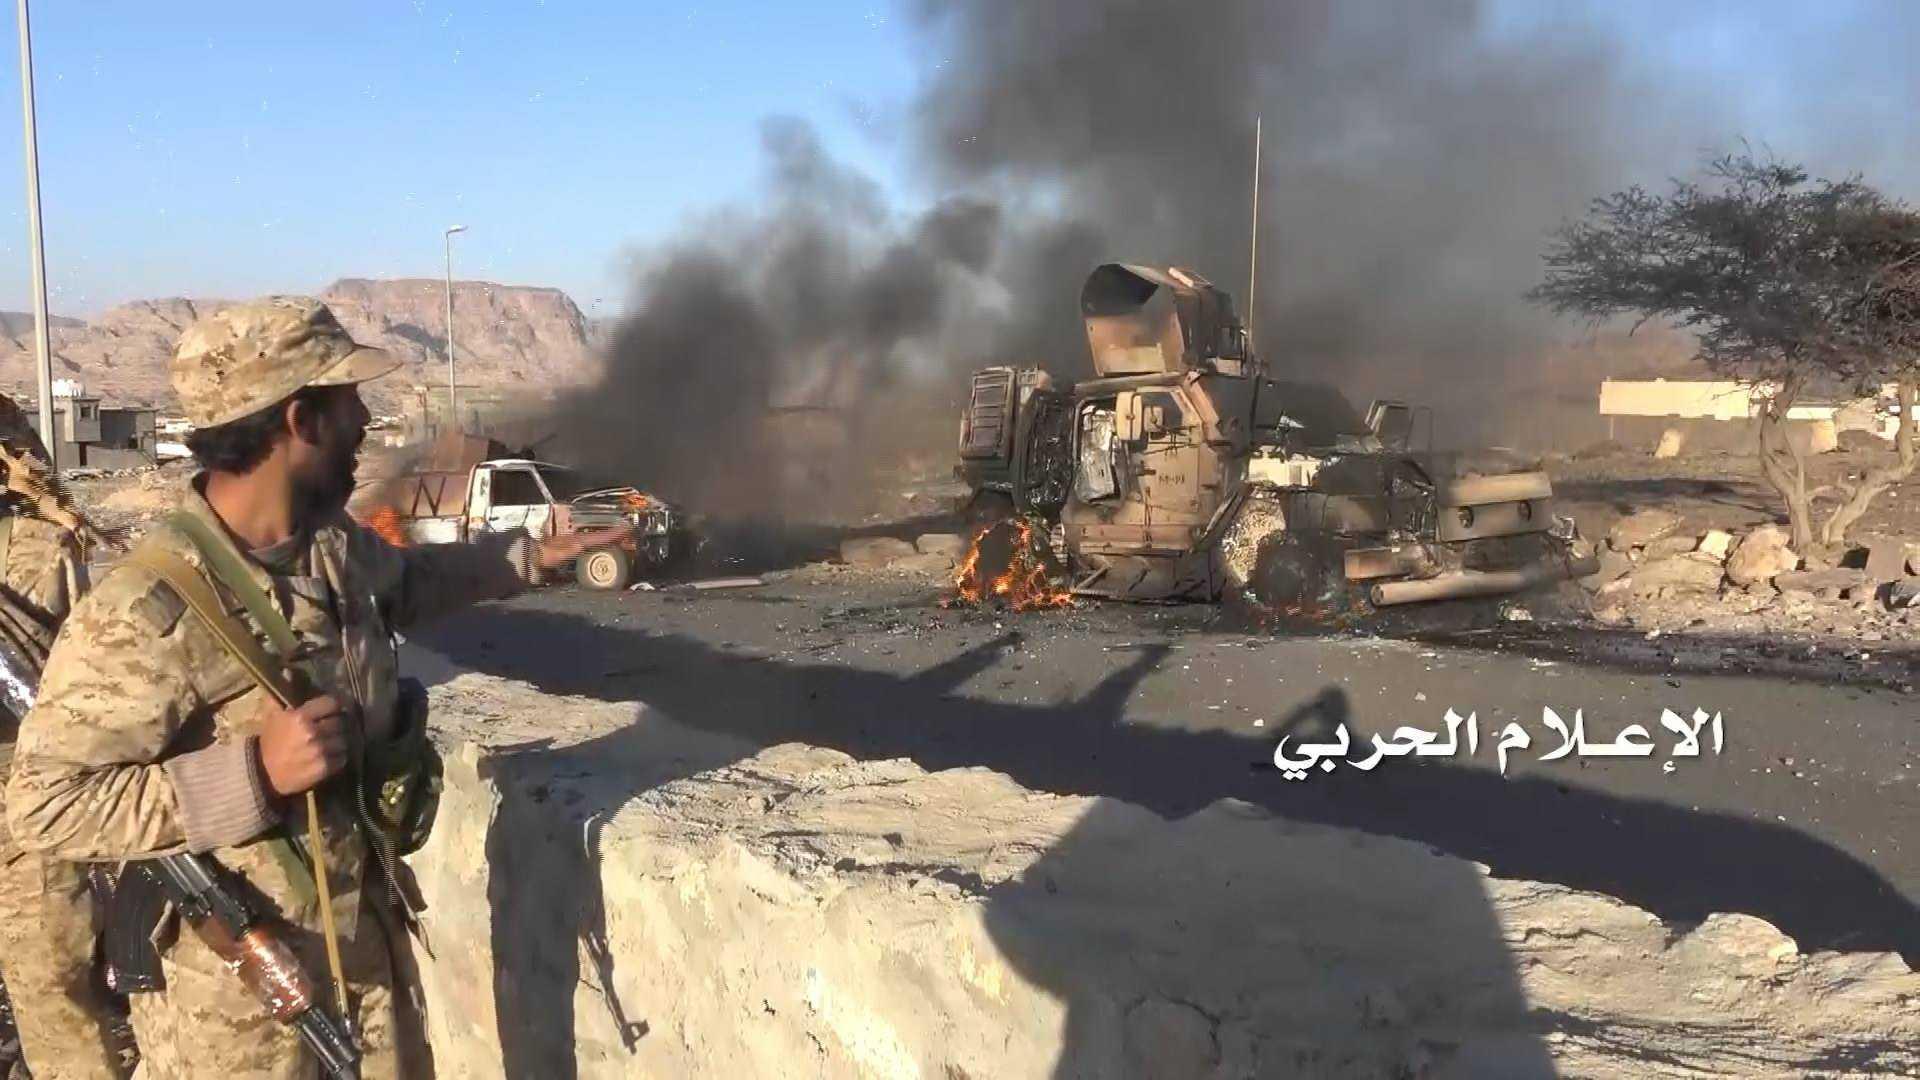 انتصارات كبيرة للجيش اليمني واللجان الشعبية خلال الساعات الماضية